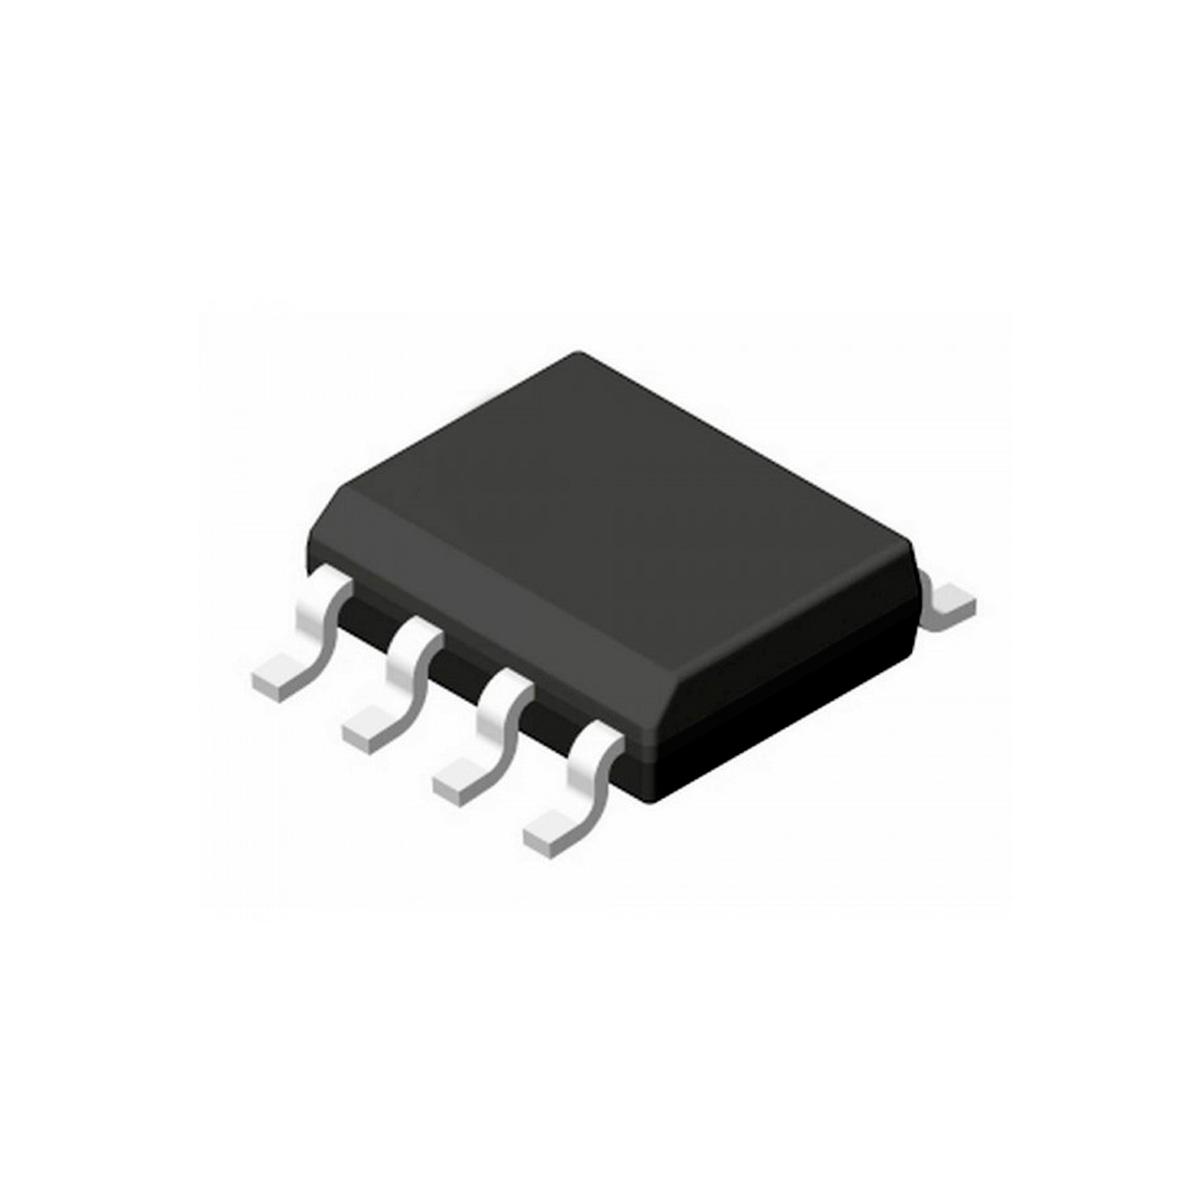 Circuito Ne555 : Circuito integrado temporizador timer ne